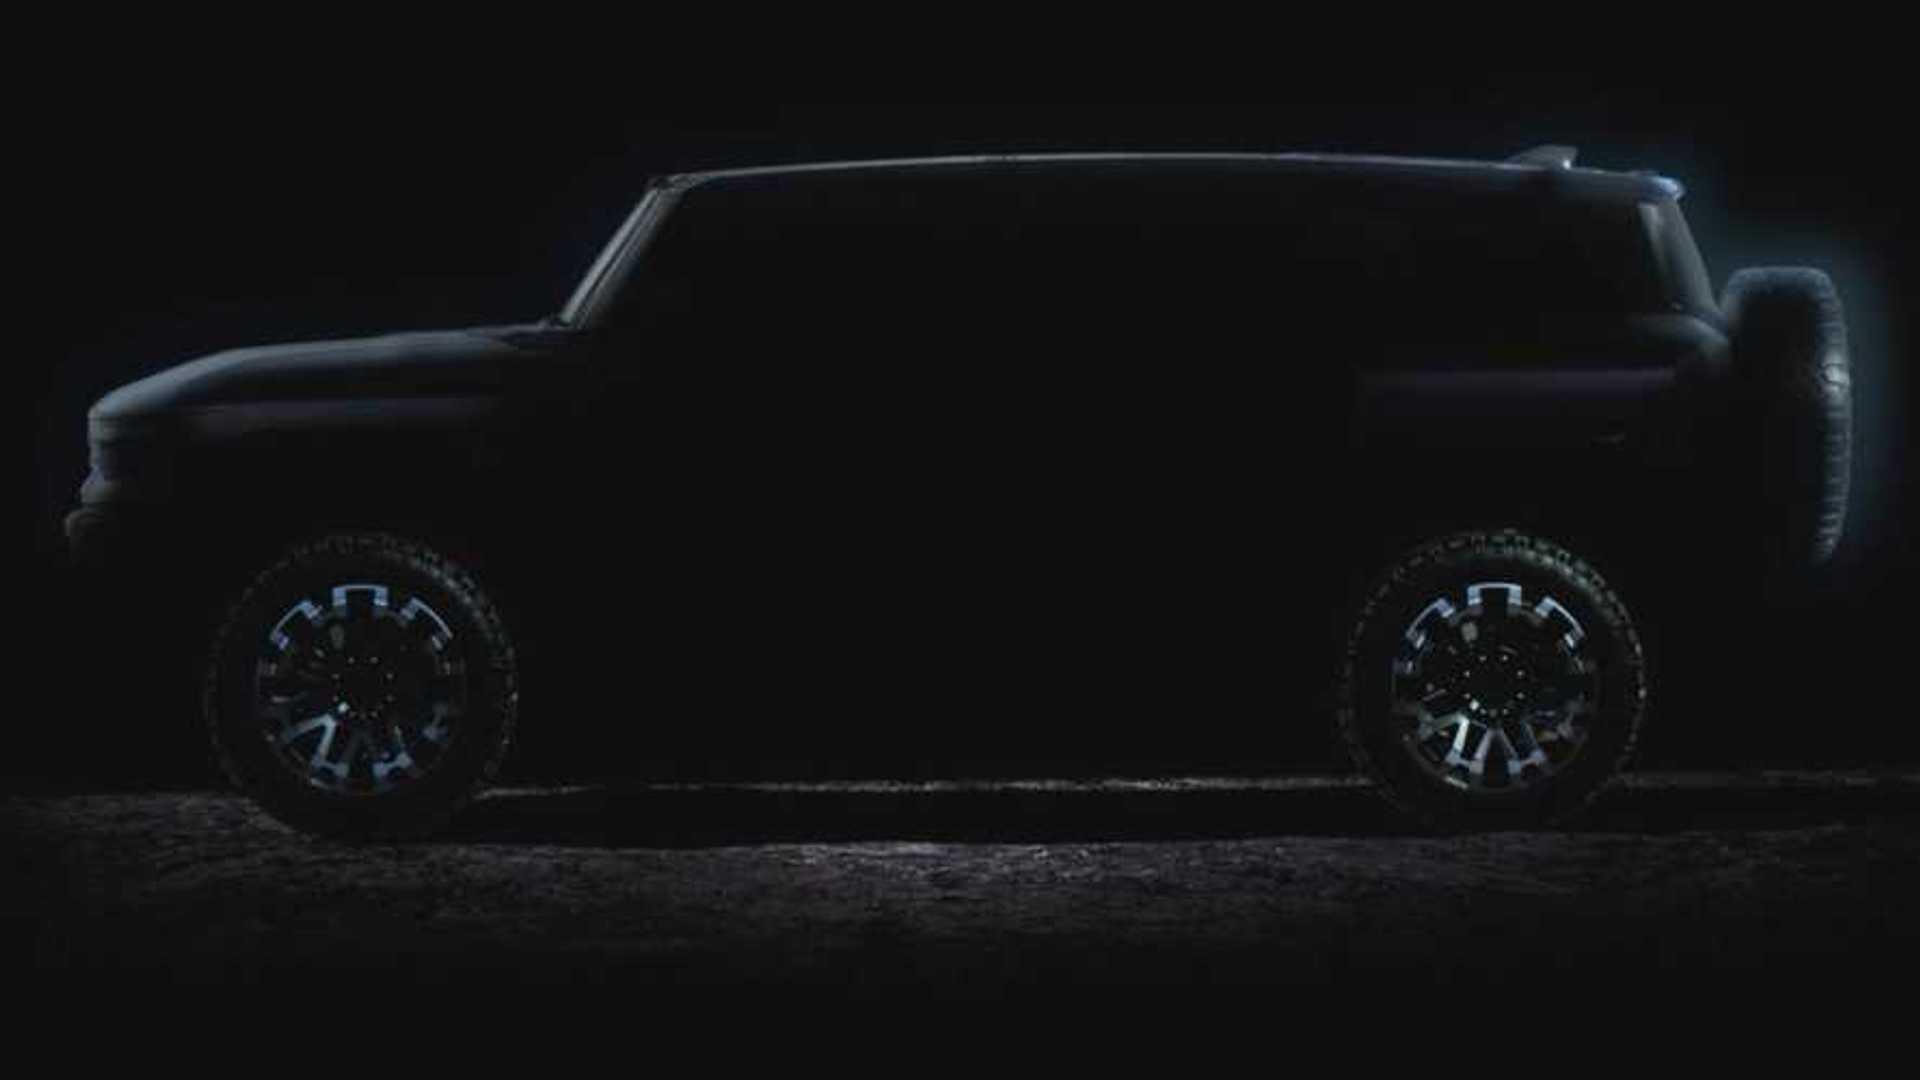 Внедорожник GMC Hummer появится в продаже в феврале, но с небольшой задержкой